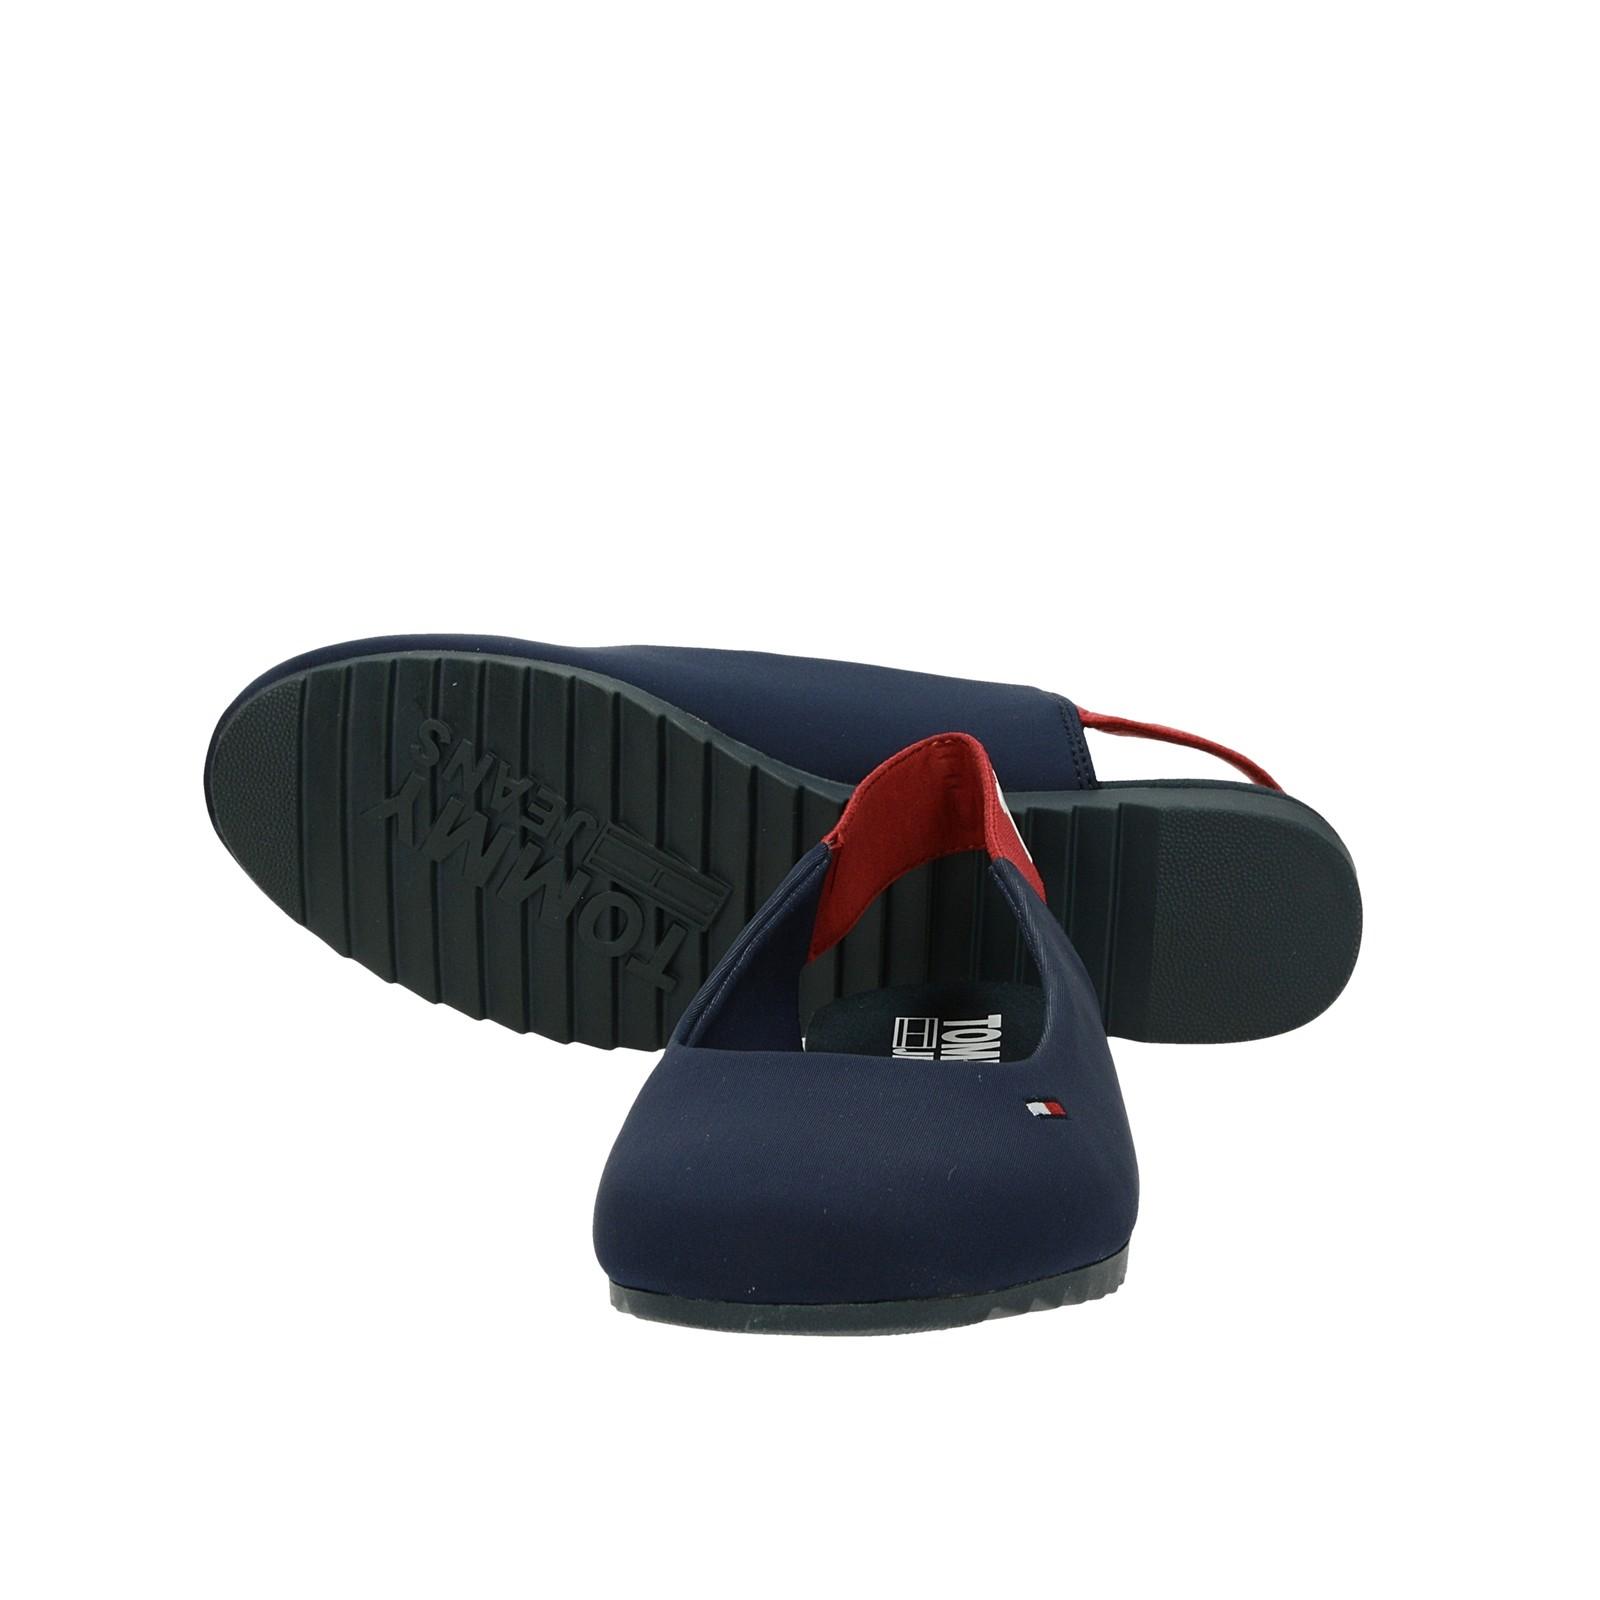 Tommy Hilfiger dámské pohodlné sandály - tmavomodré